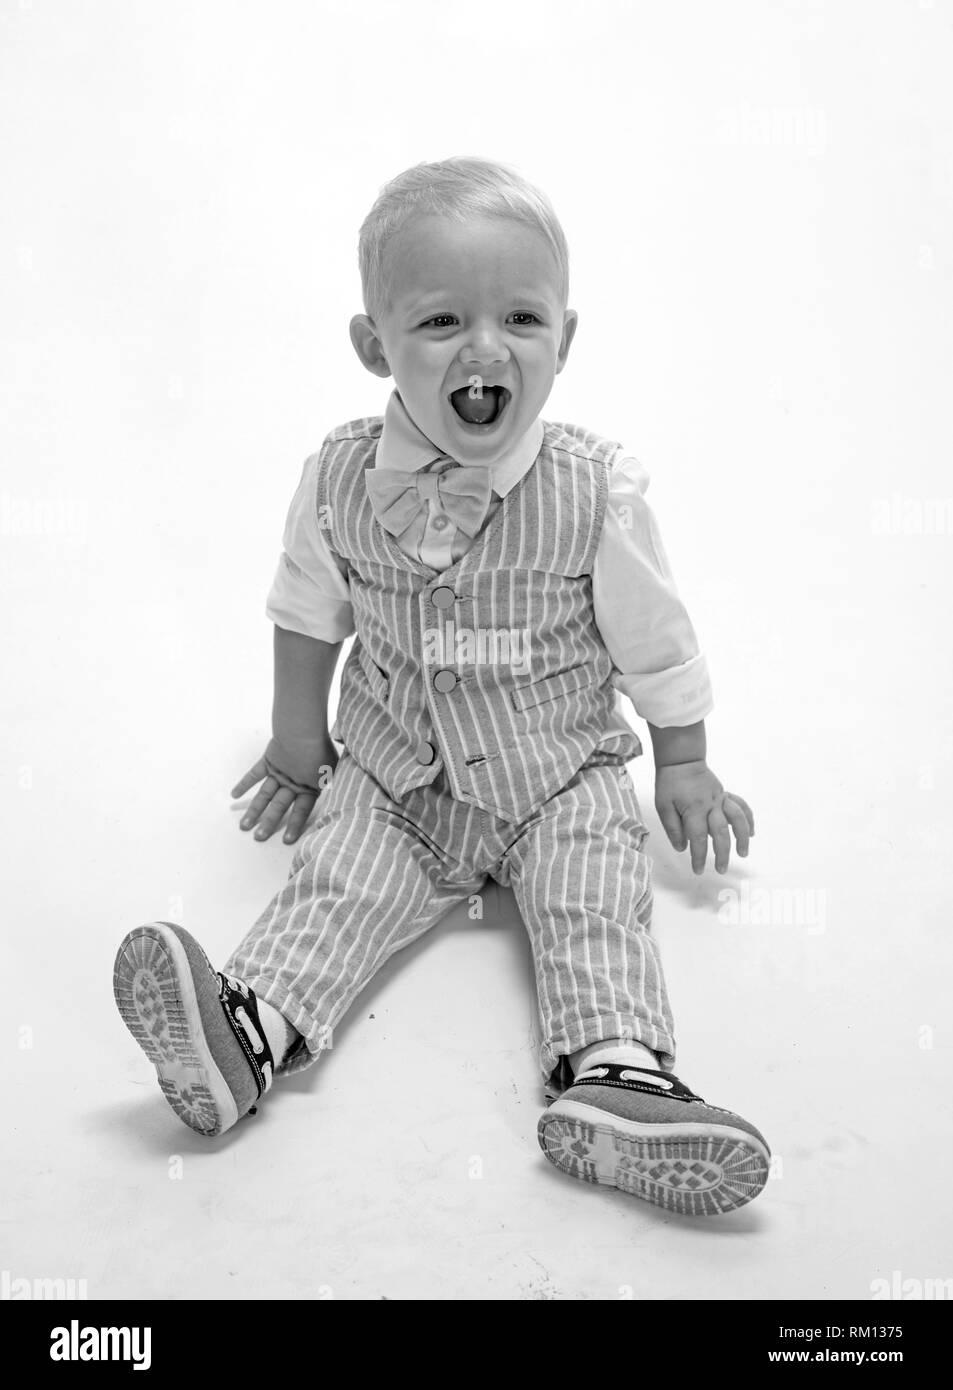 68af21a60e918 Fashion boy. Petit enfant heureux sourire. Garçon enfant avec fashion look.  Petit bébé mode dans l'usure. Fashionist adorable. Les tendances de la mode  pour ...